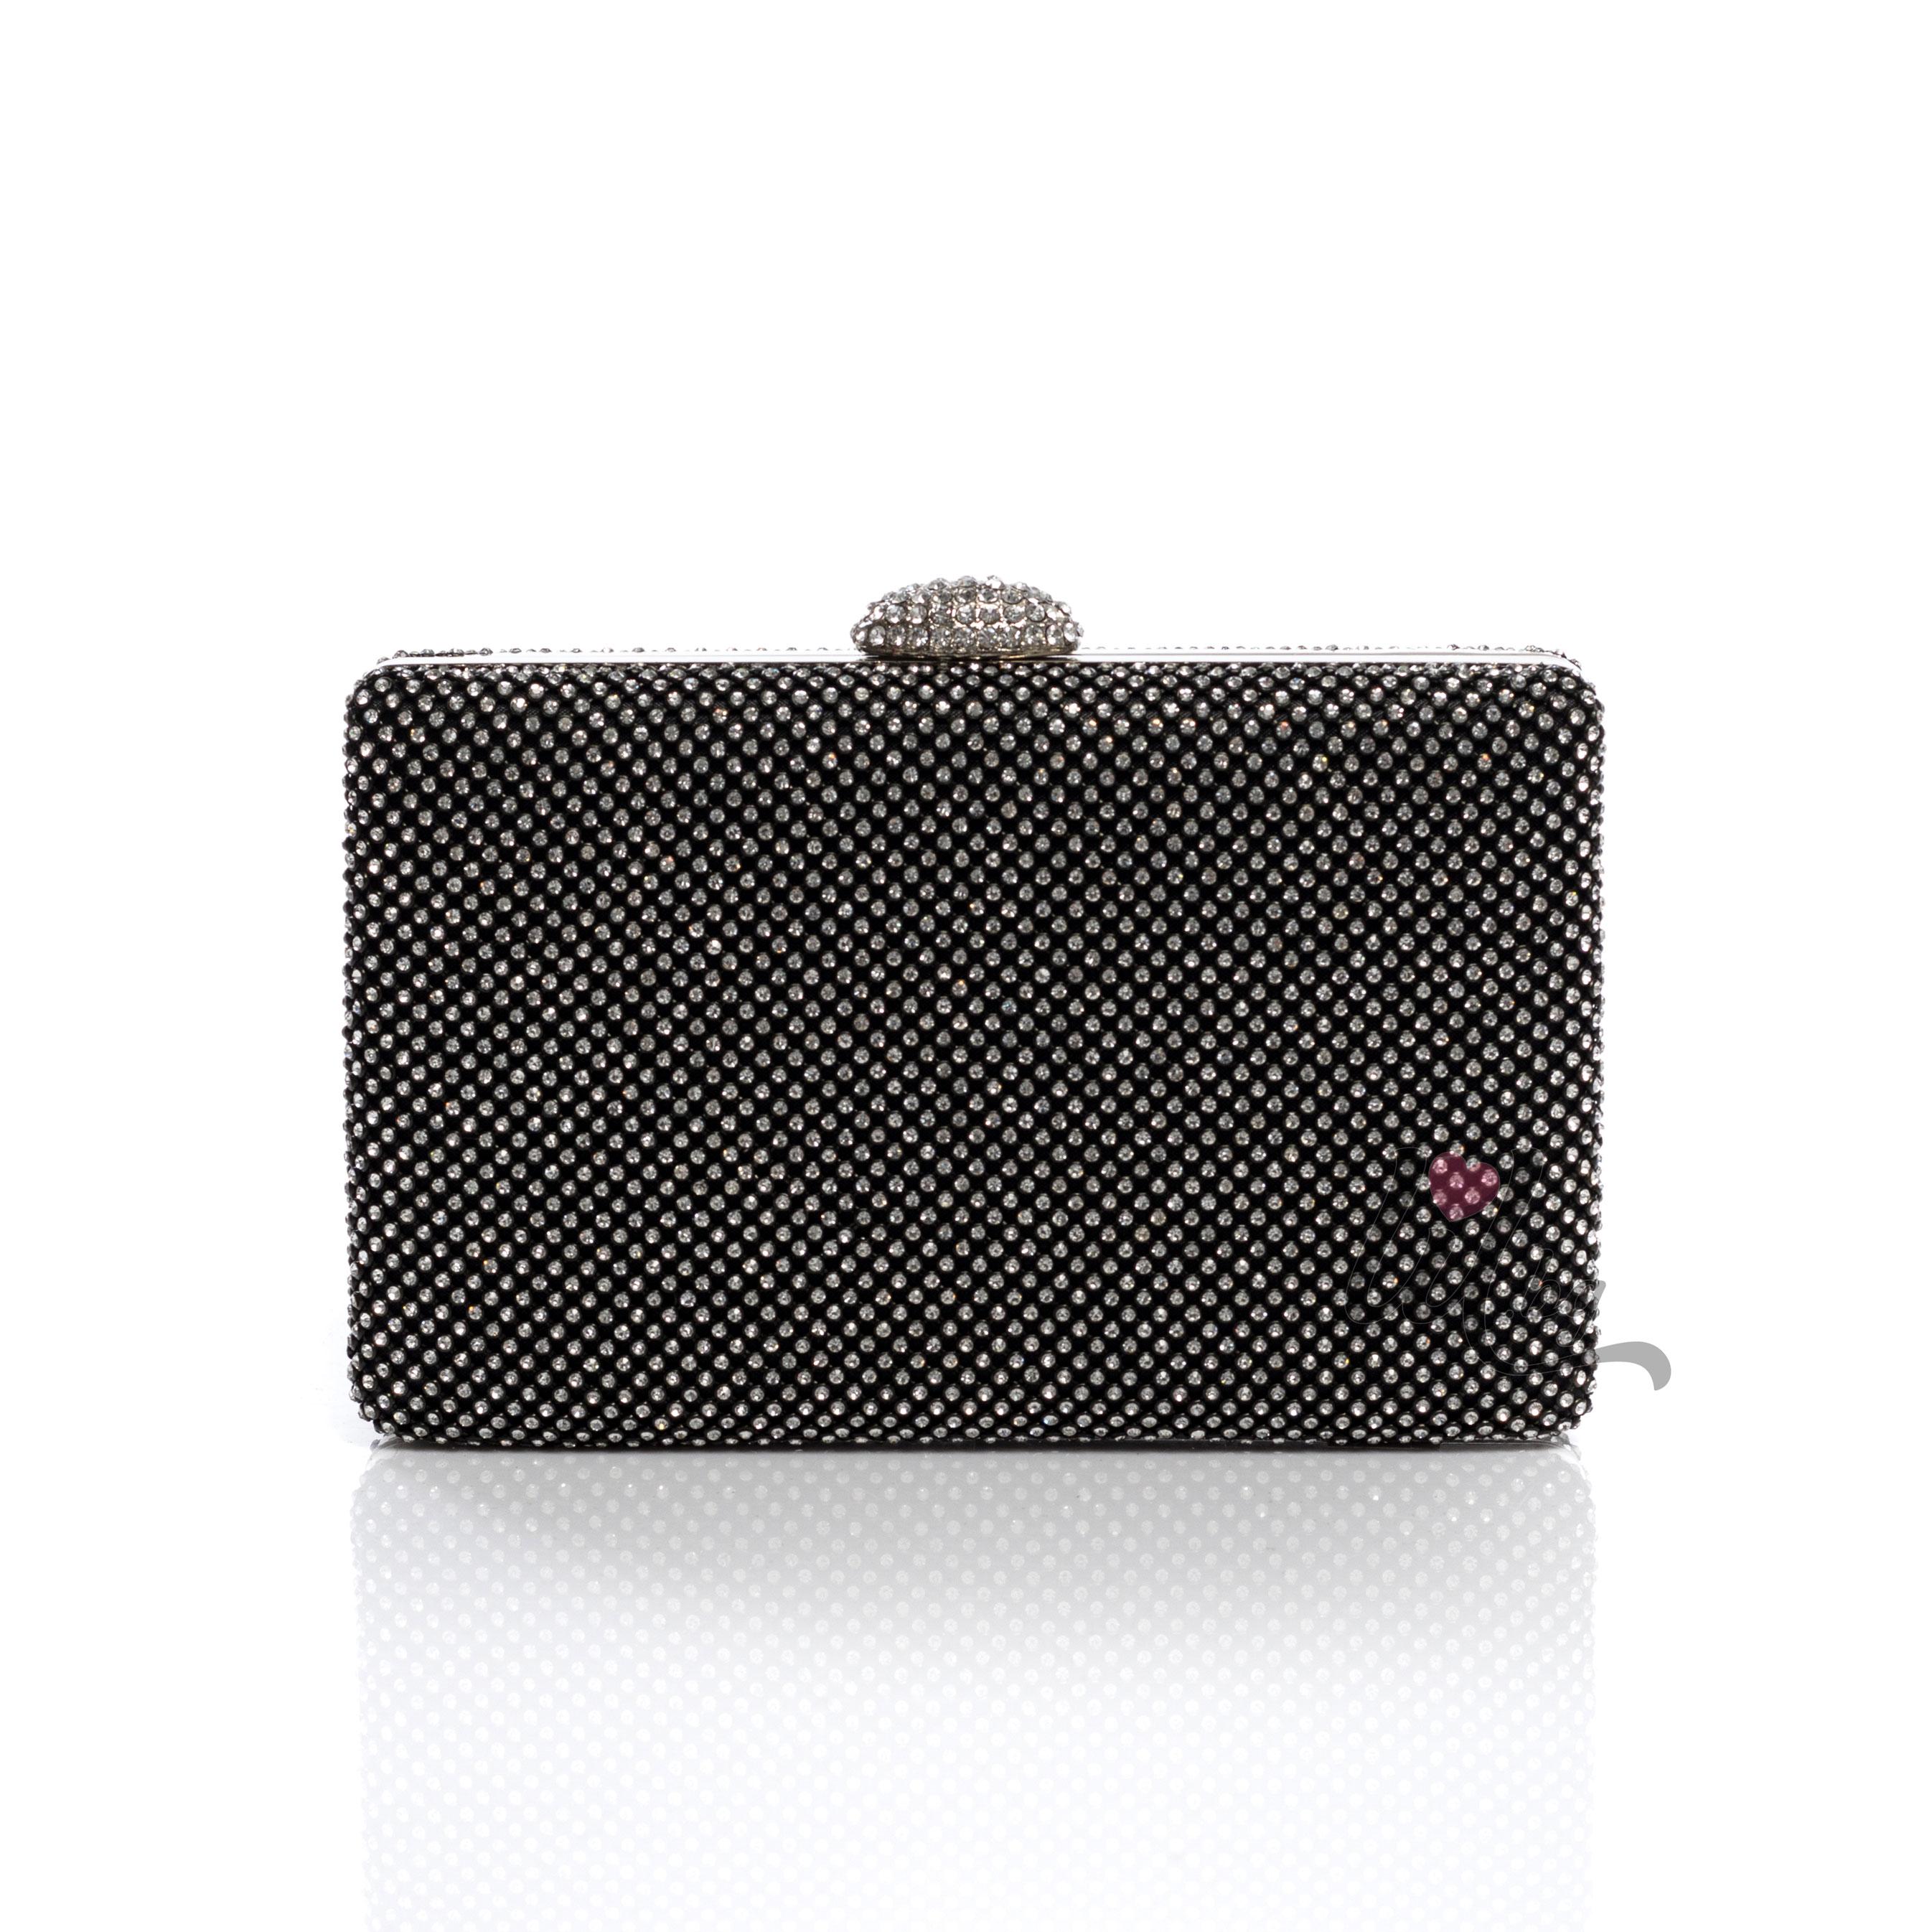 757333f9e1a ... Черна официална чанта клъч с камъни Селест. Промо. Previous. Next